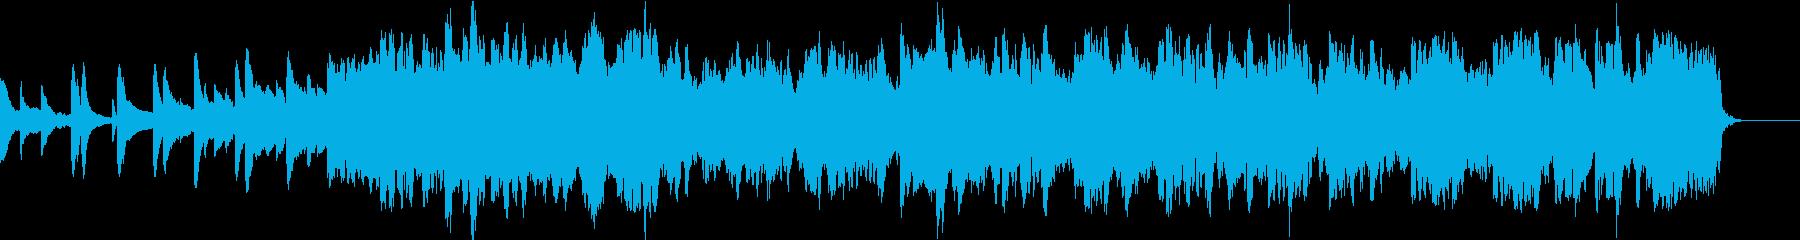 感動的なバラード オーケストラ風の再生済みの波形